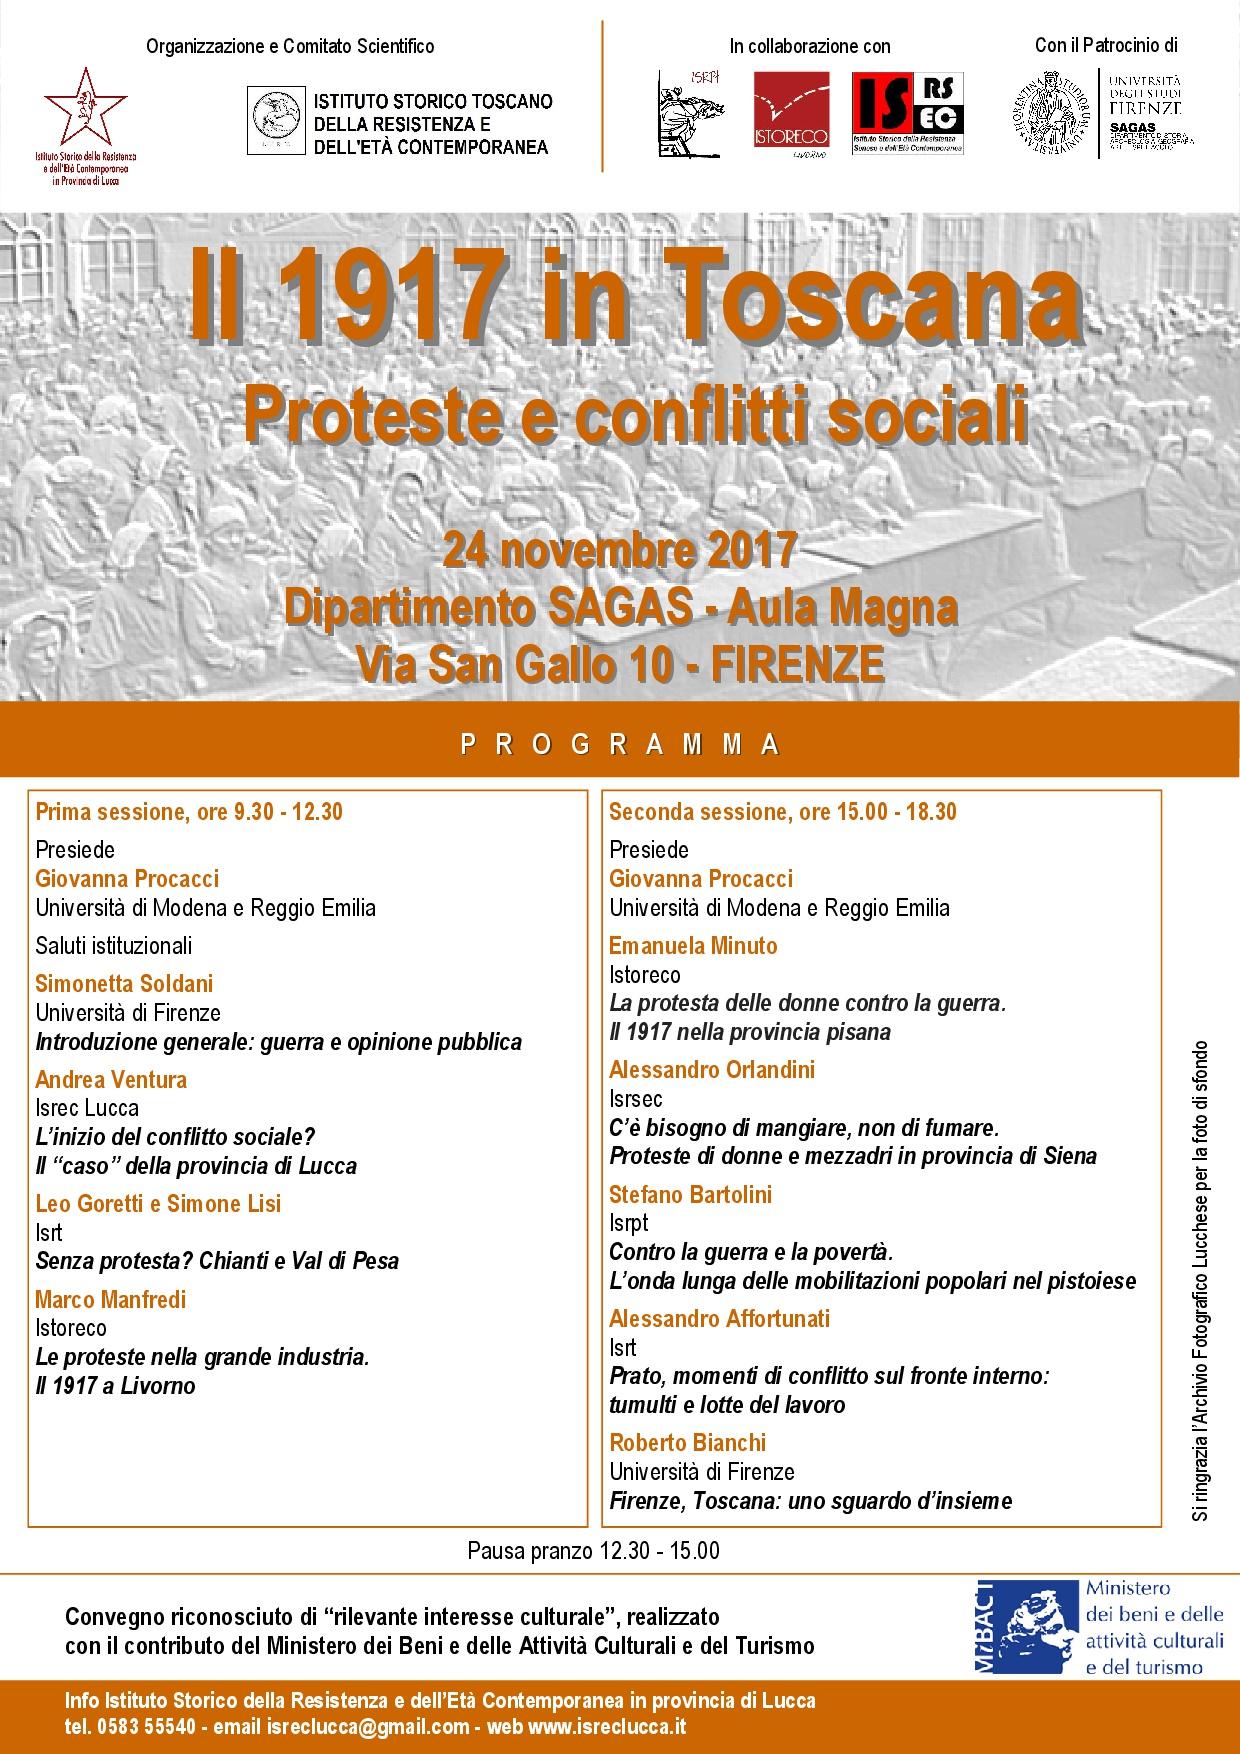 web depliant 1917 toscana (1)